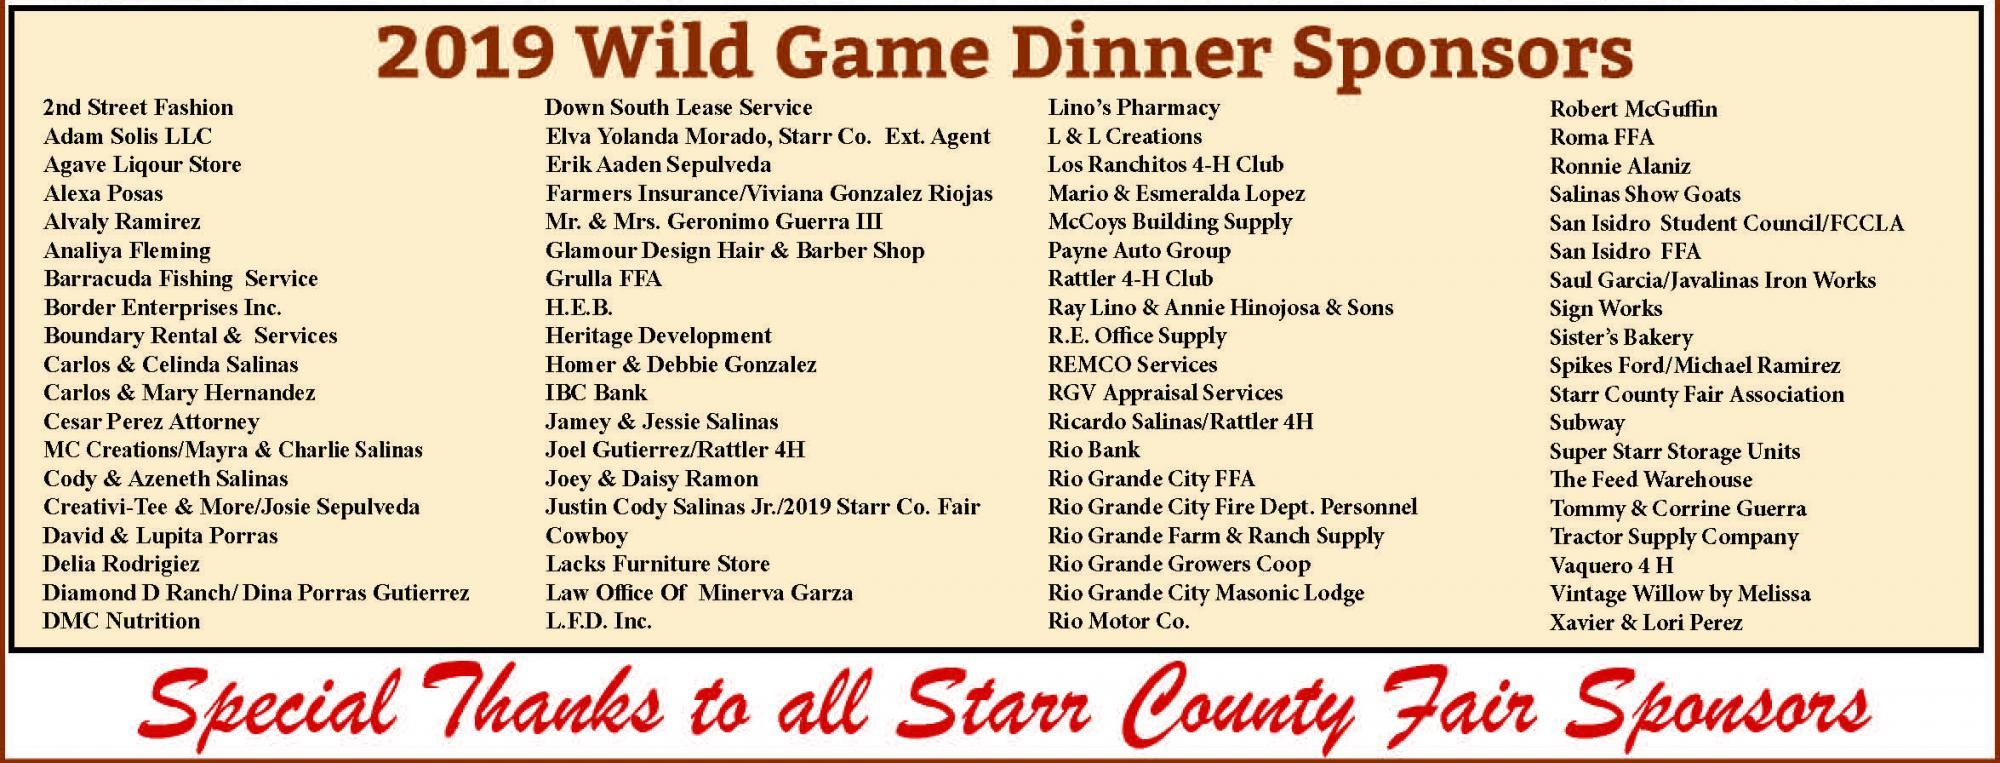 2019 Wild Game Dinner Sponsors